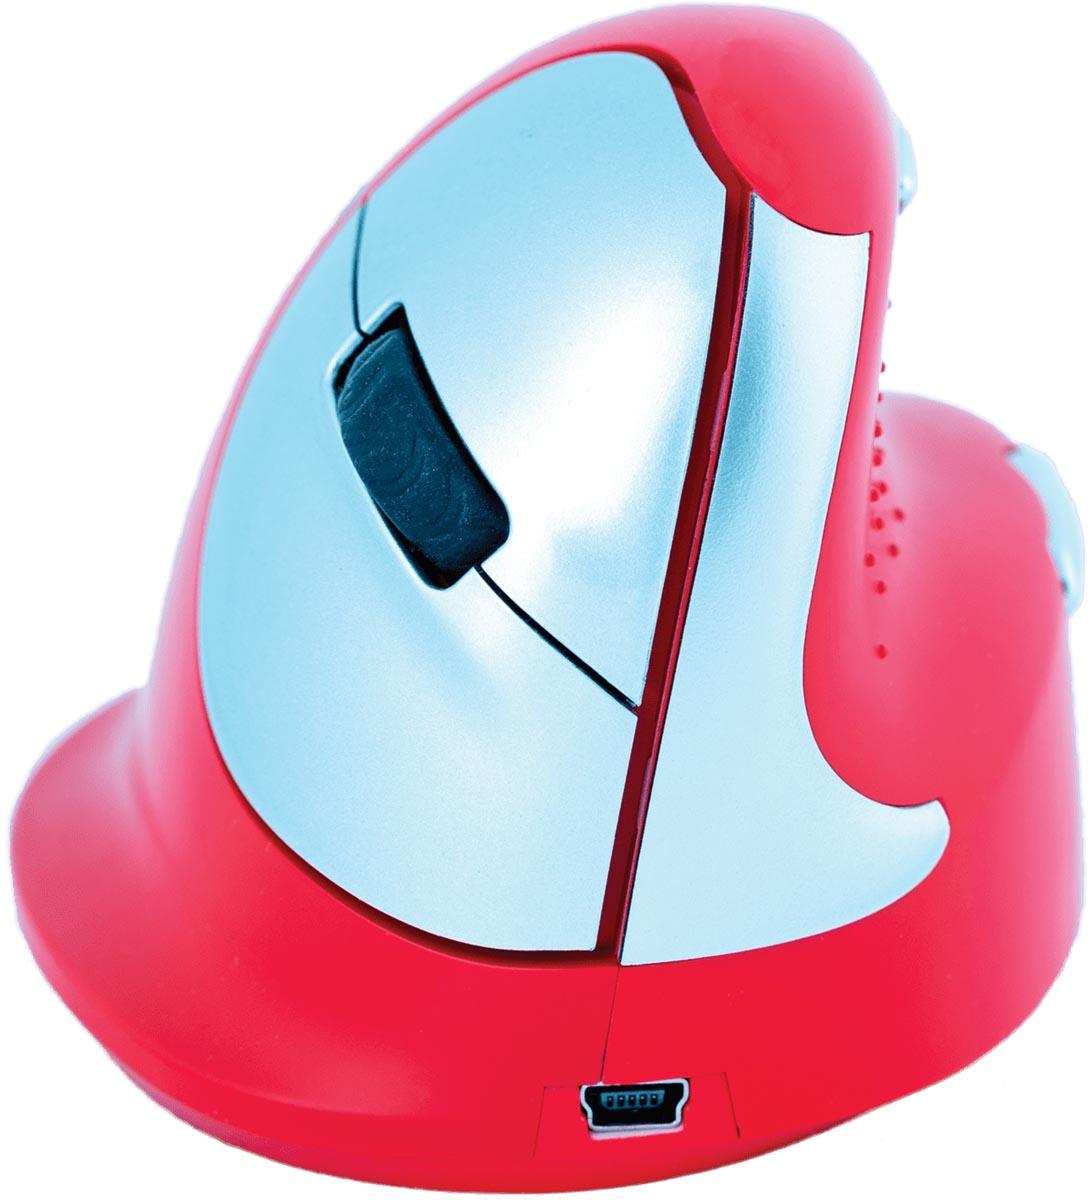 R-Go HE Sport ergonomische muis rechts, rood